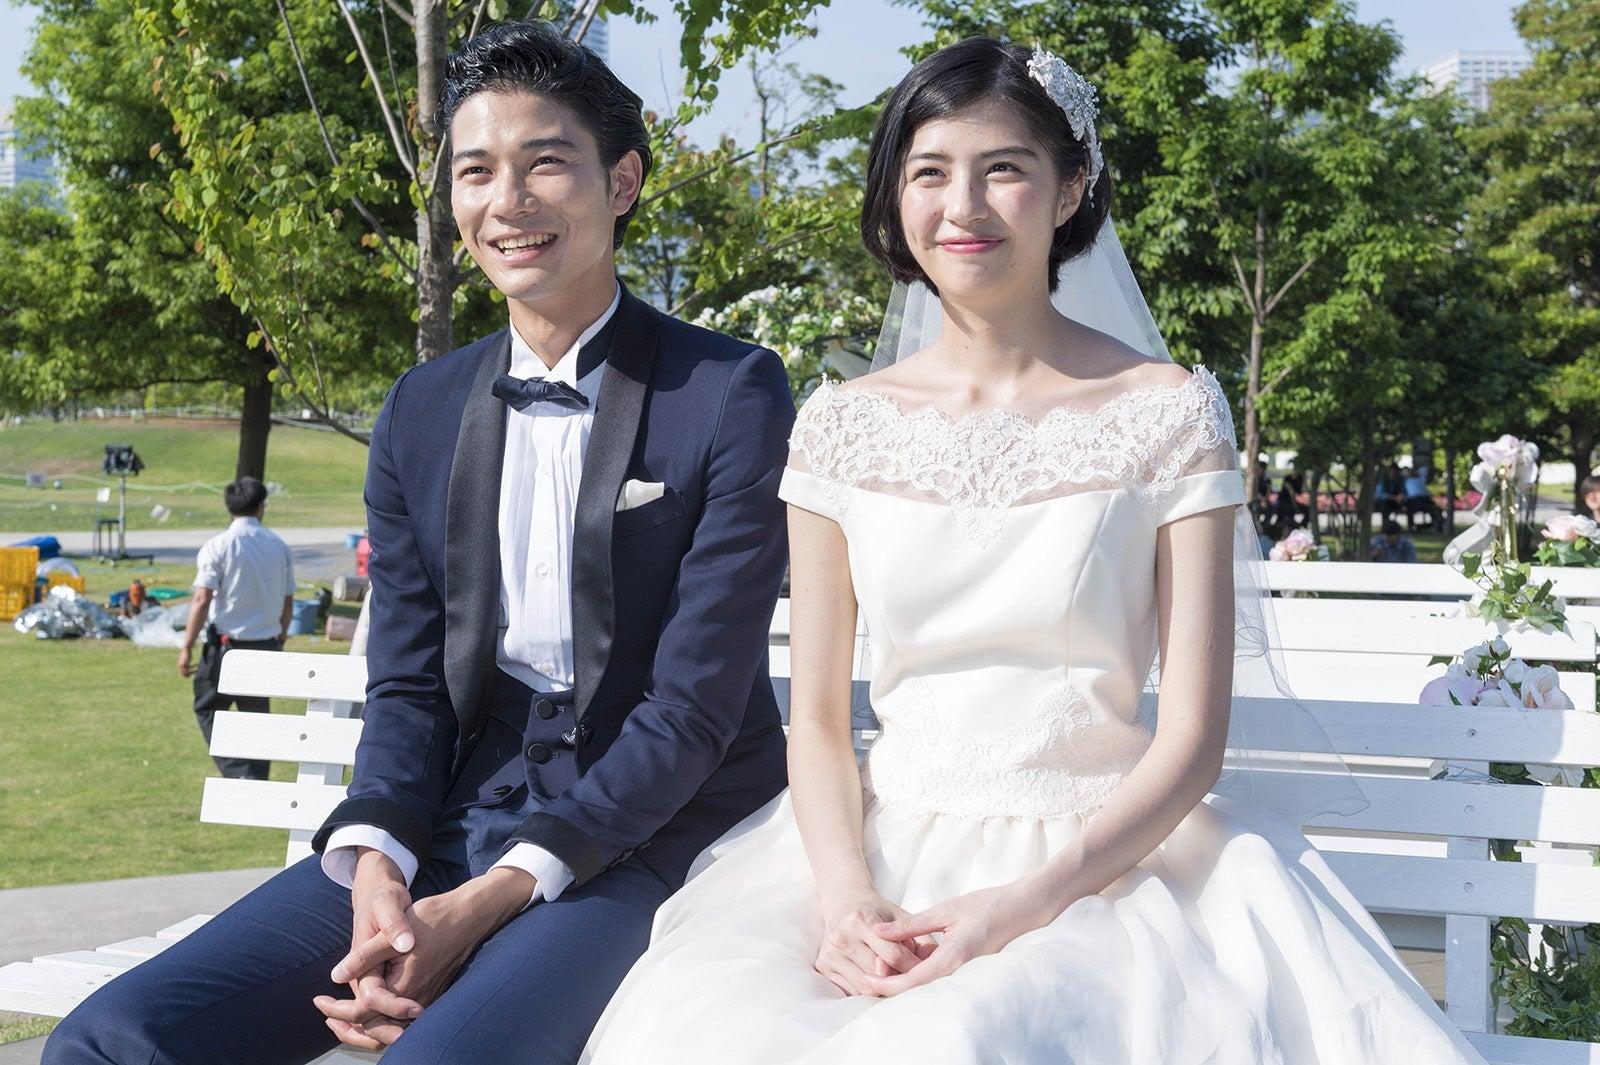 清原翔の結婚歴や歴代彼女元カノは?顔画像や馴れ初め・噂を調査!